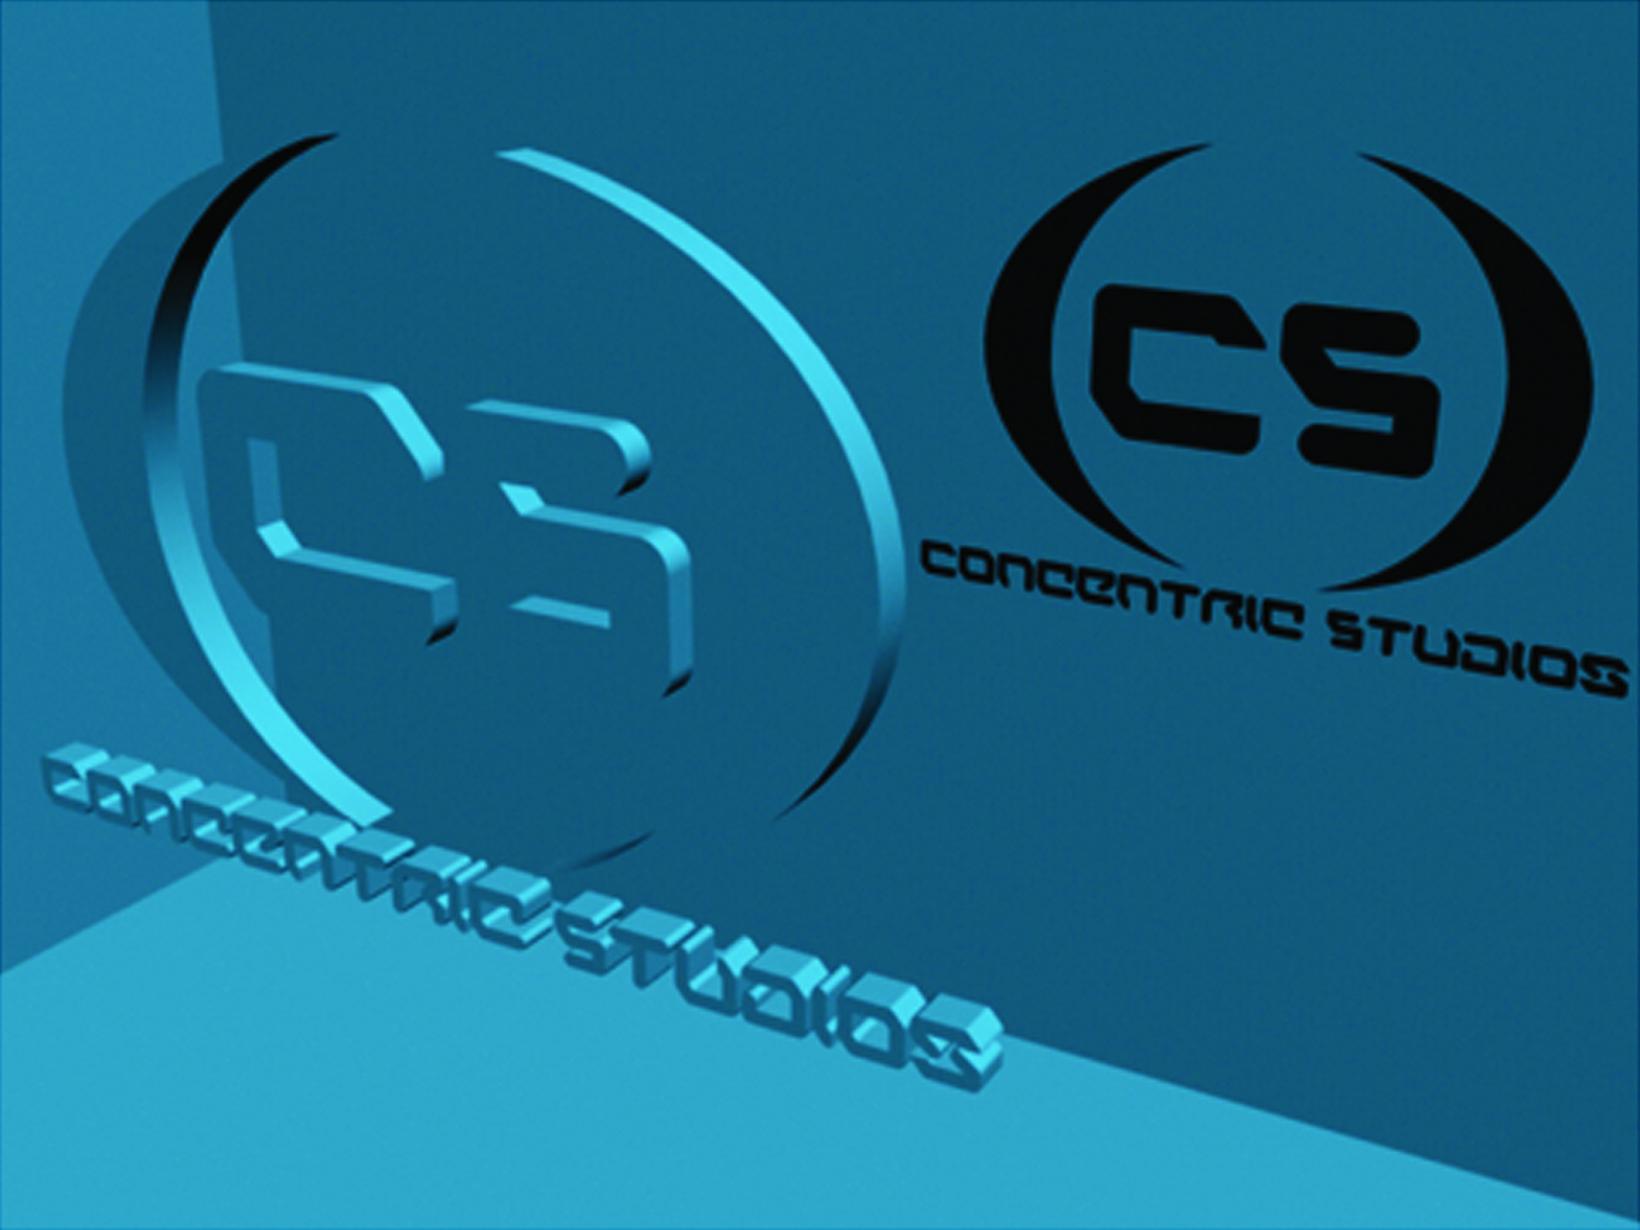 Concentric Studios